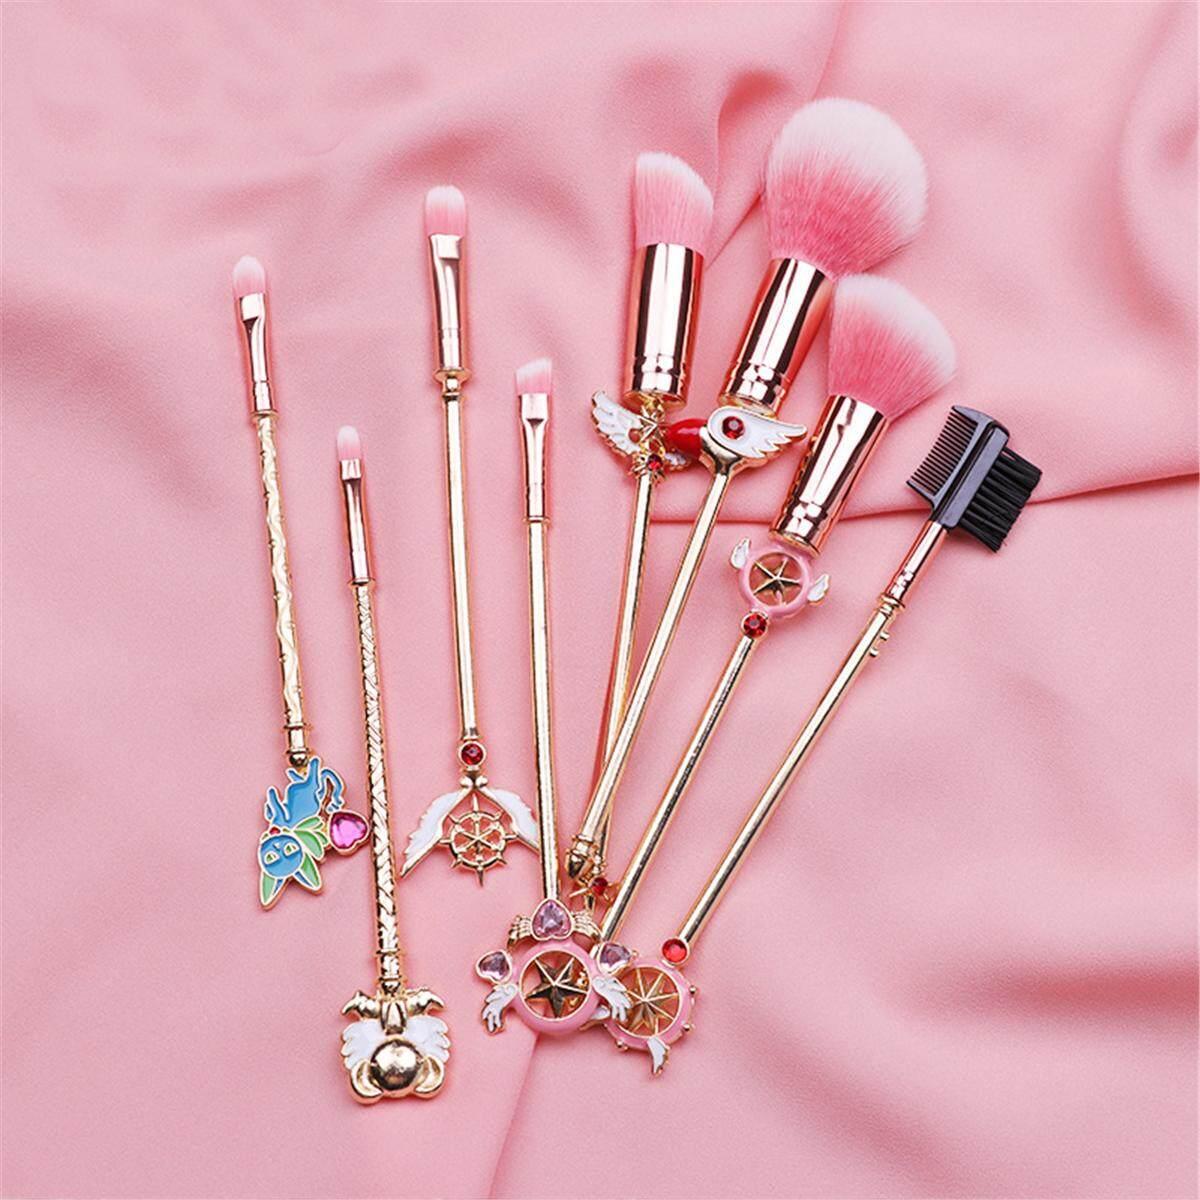 cardcaptor card captor sakura clear cards makeup Cosmetic Foundation brush wands